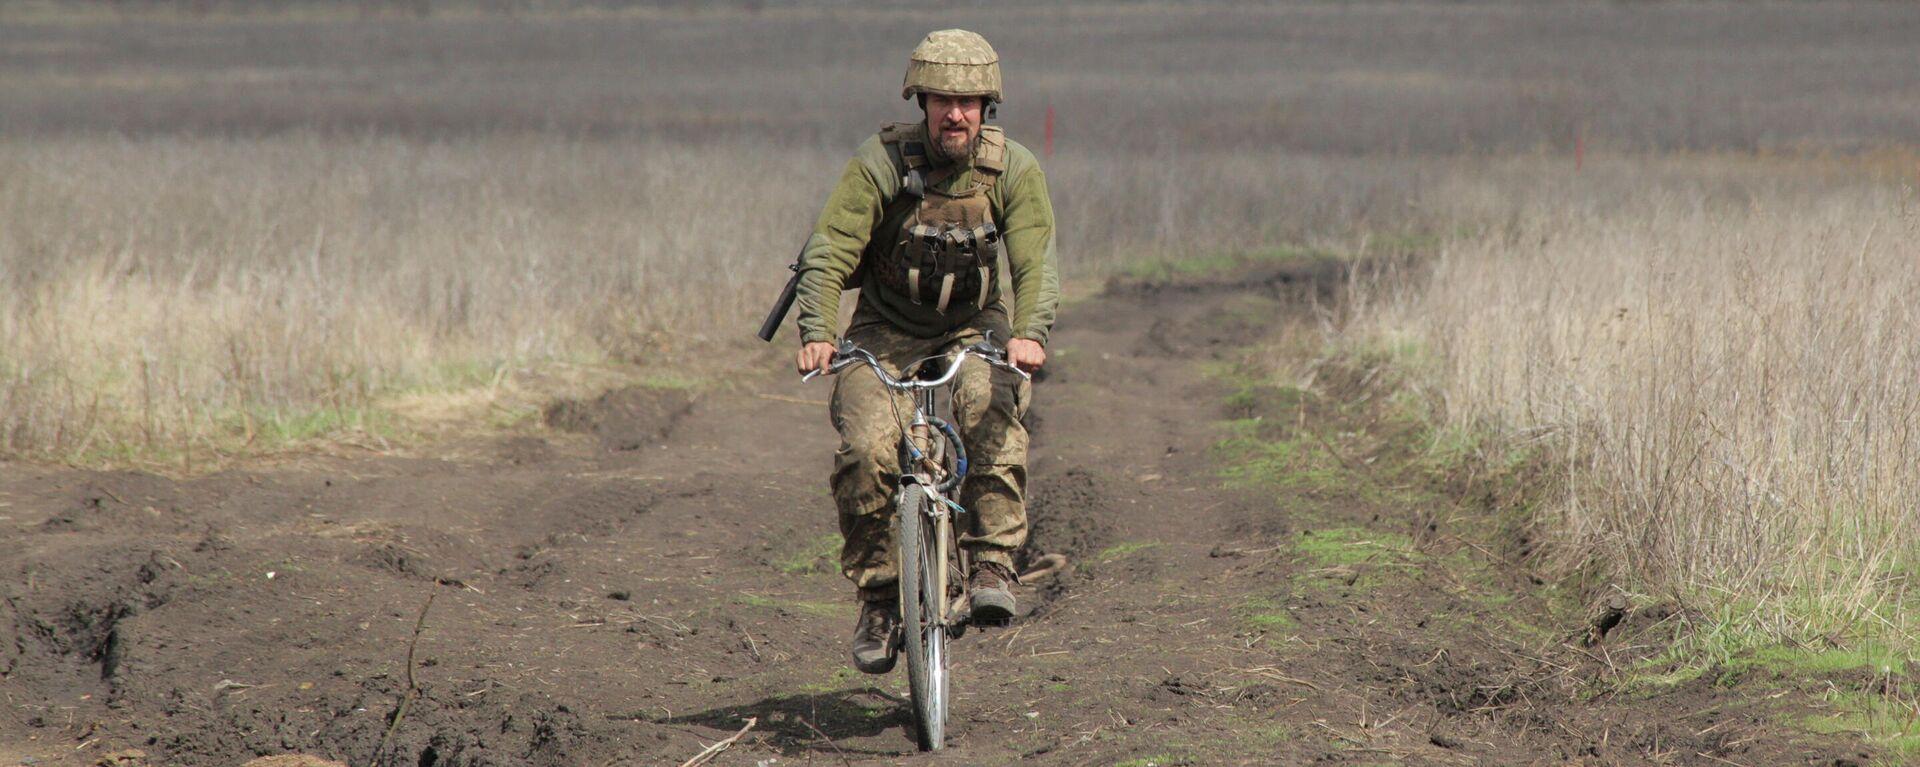 Soldat der ukrainischen Armee an der Frontlinie - SNA, 1920, 20.04.2021